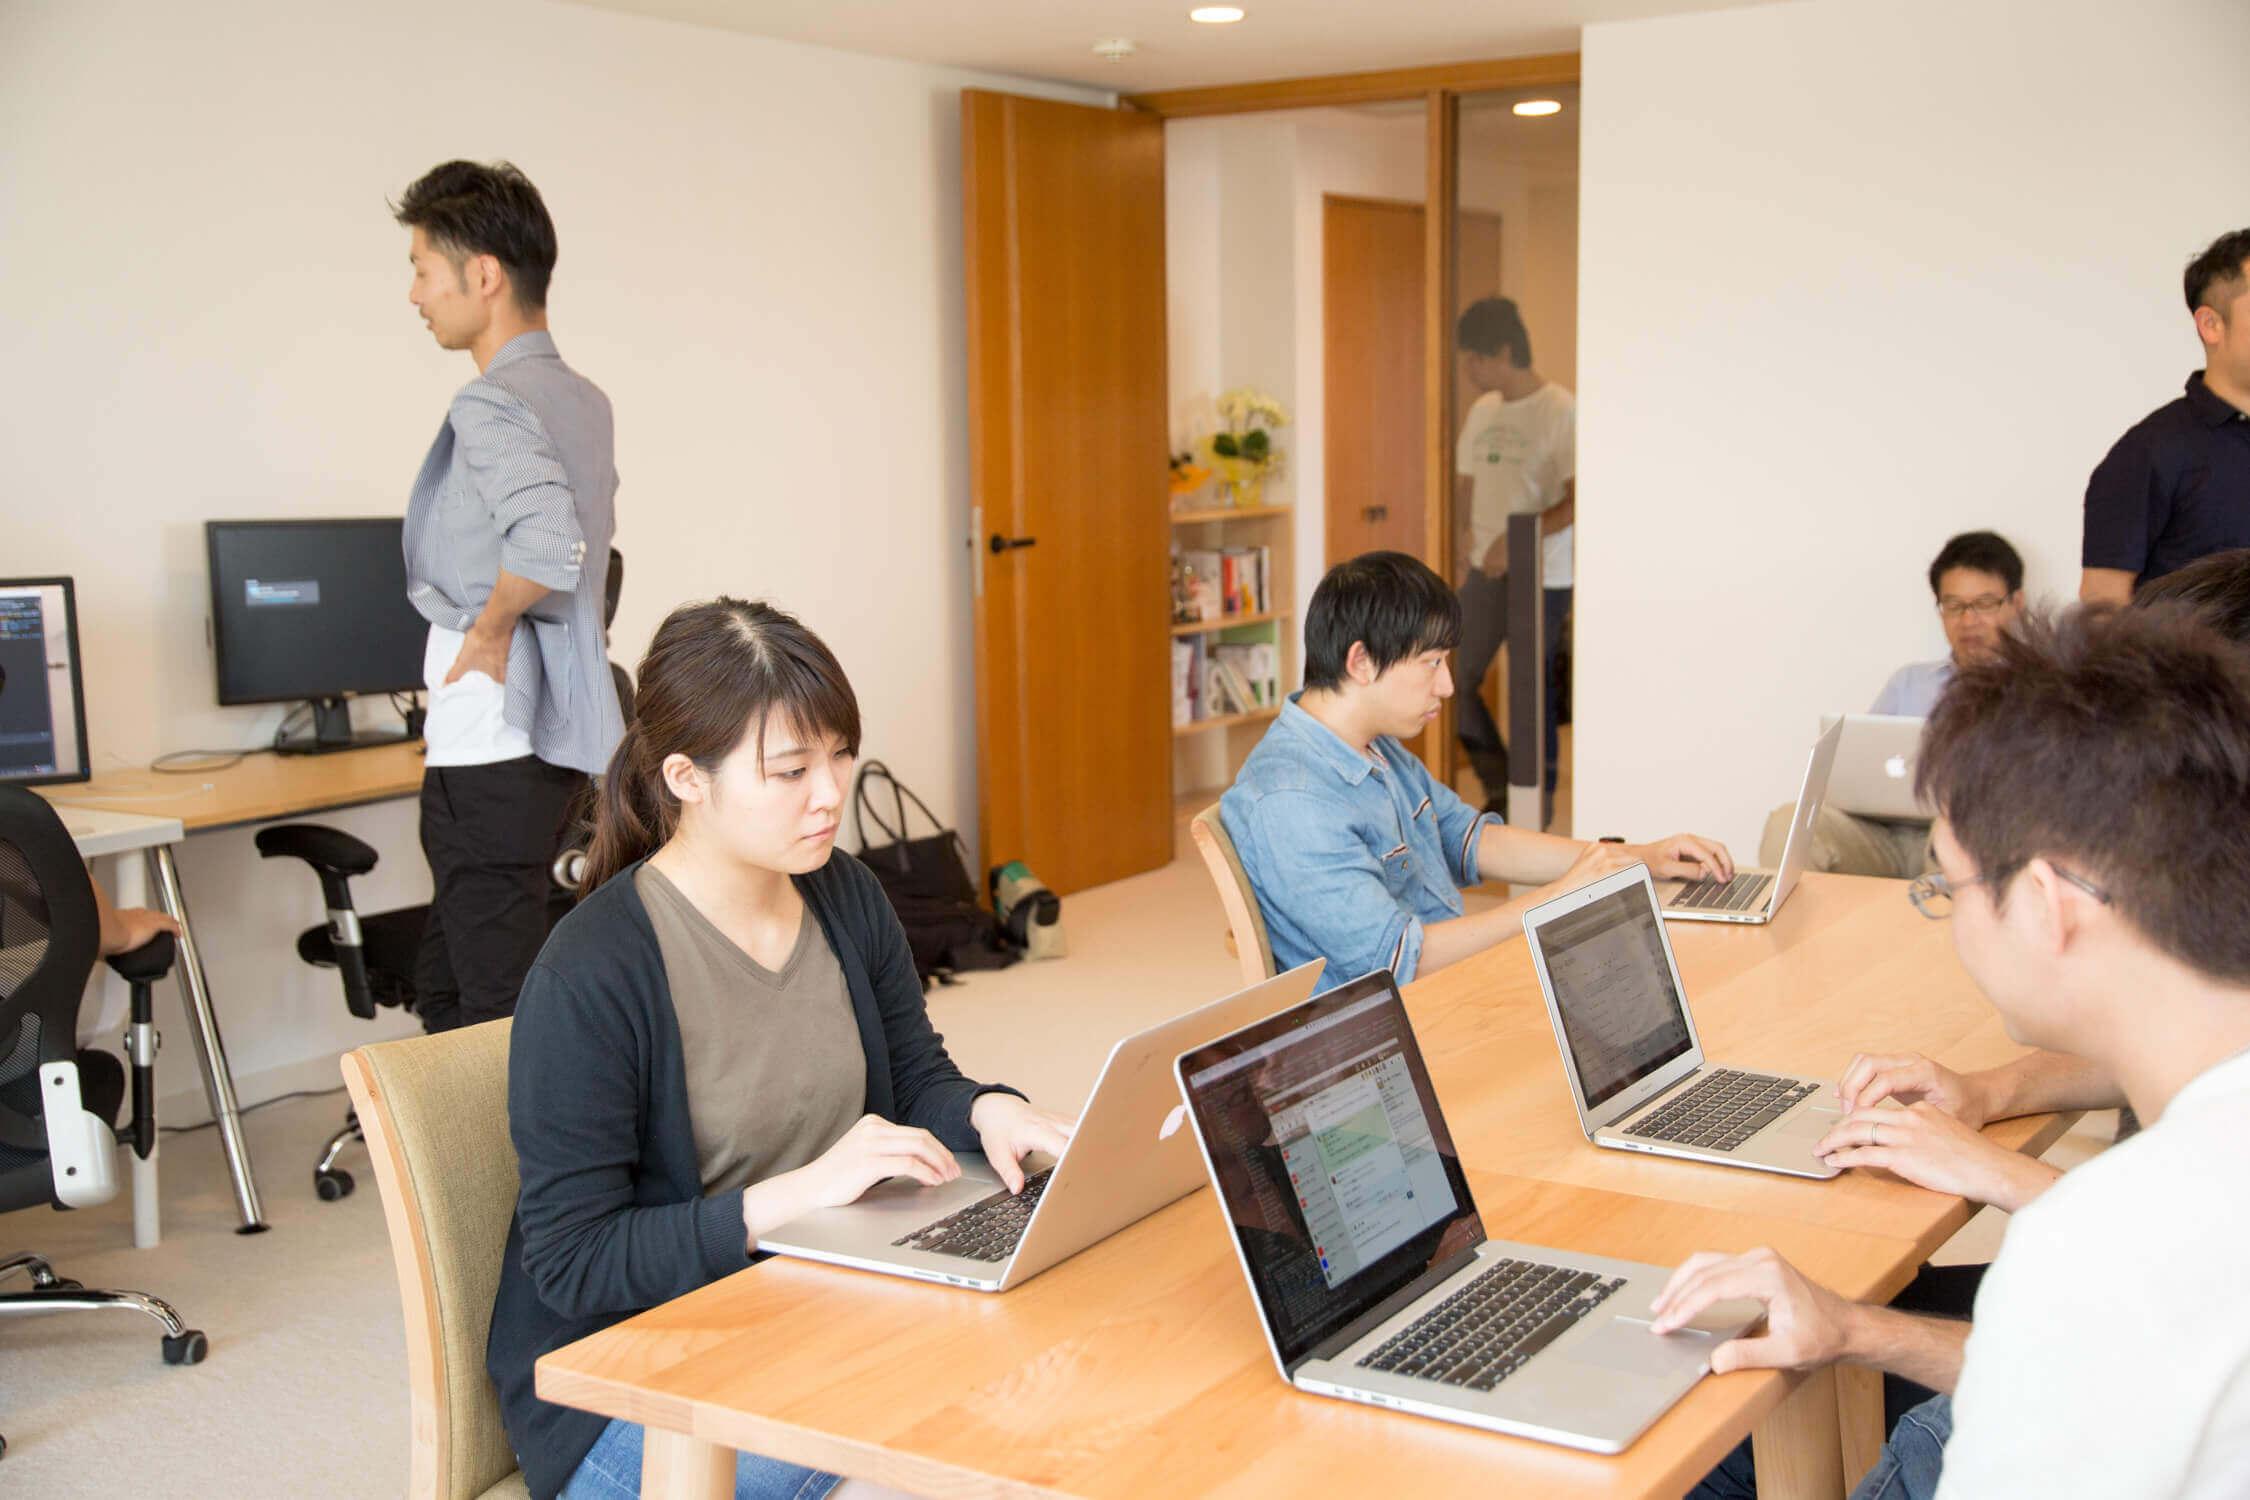 Company atmosphere